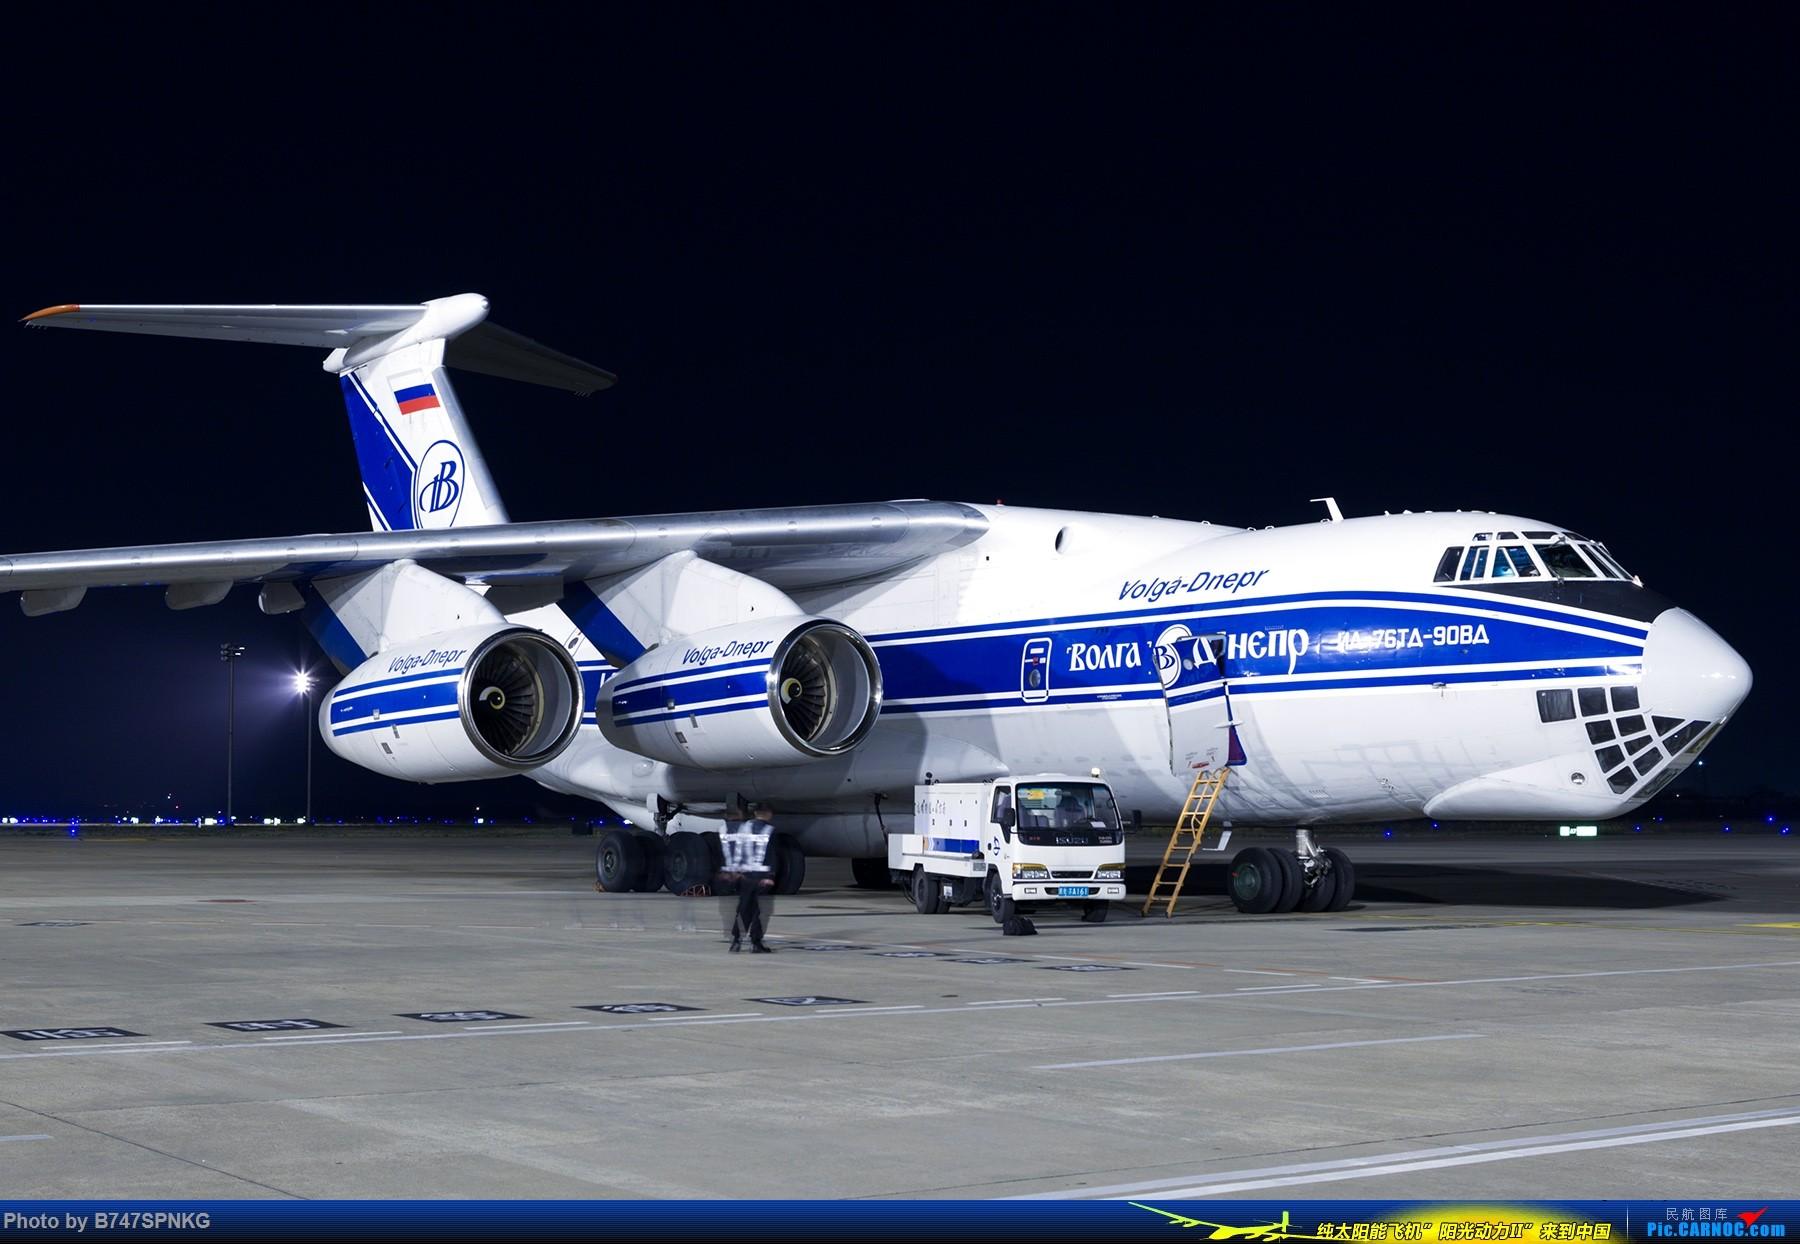 中国�9.��f��i)�il�)~K�_il-76td-90vd ra-76952 中国南京禄口国际机场